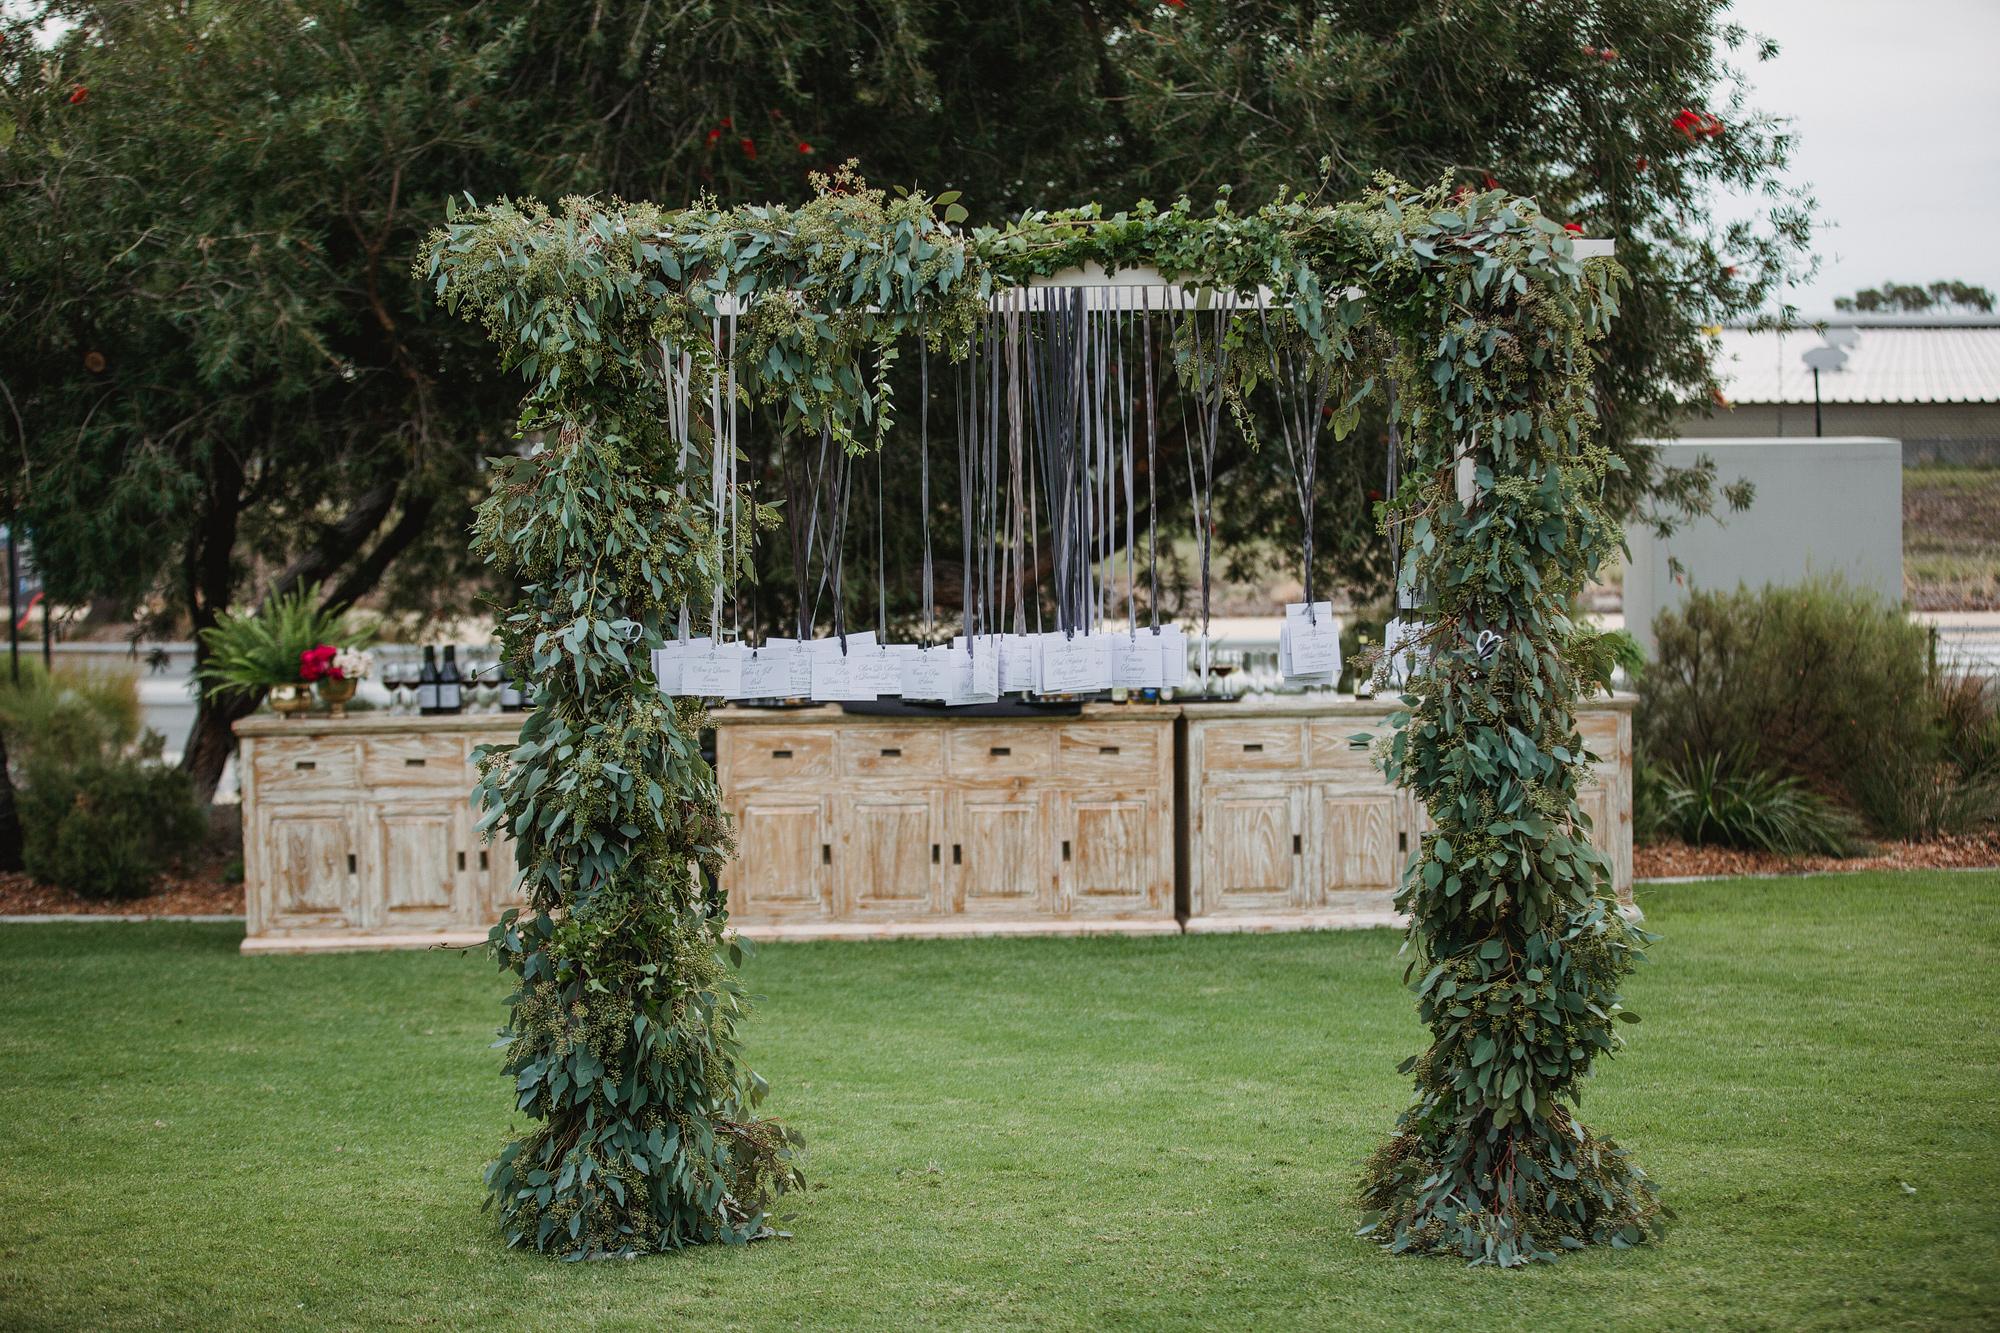 Ceci_New_York_Custom_Invitation_Australia_Perth_Destination_Wedding_Luxury_Personalized_Ceci_Style_Bride_46.jpg